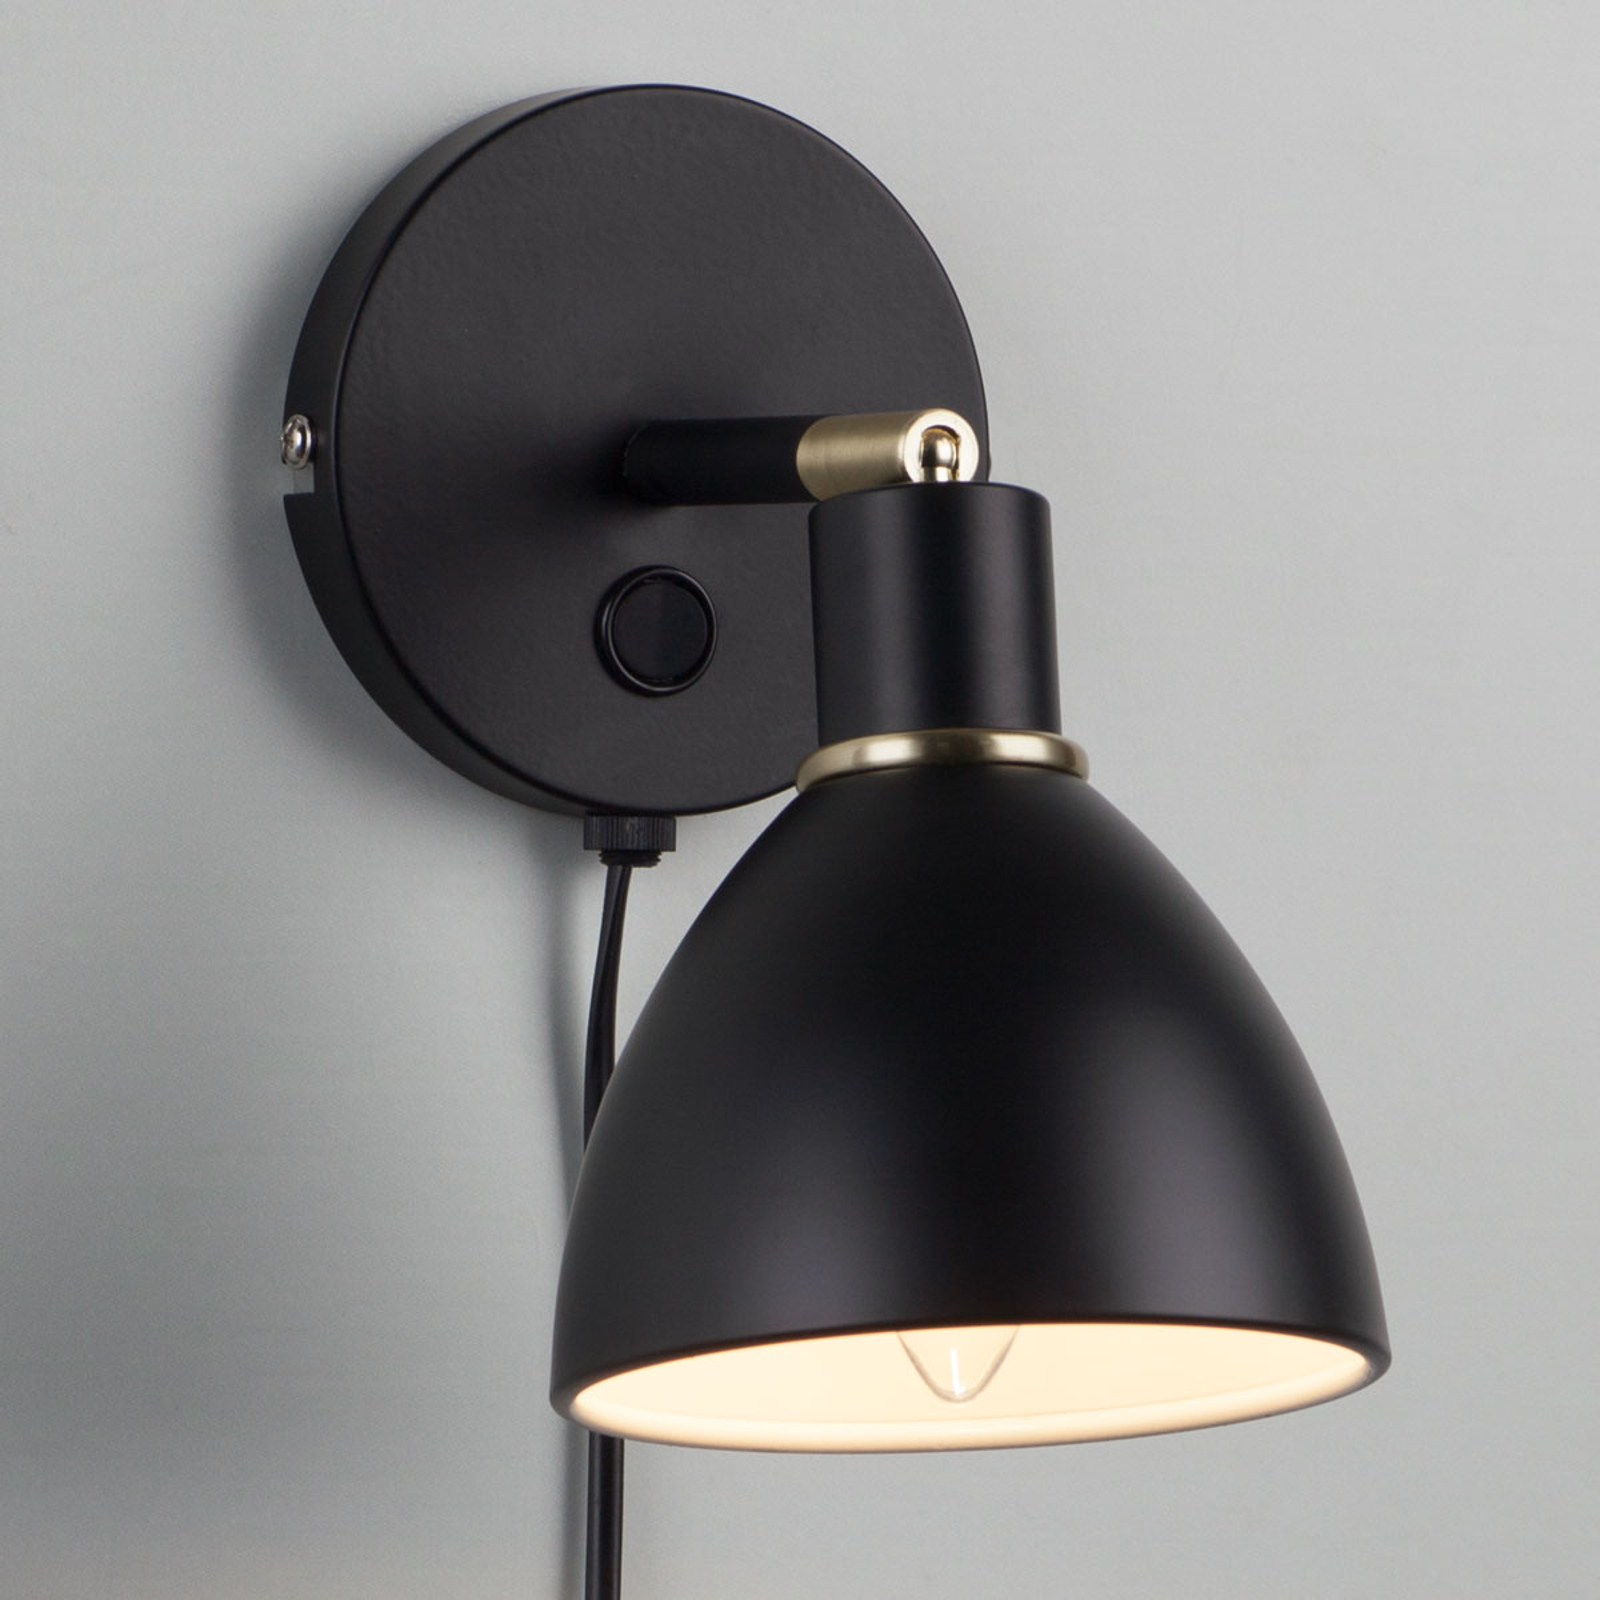 lampada nera da parete Ray con lume orientabile